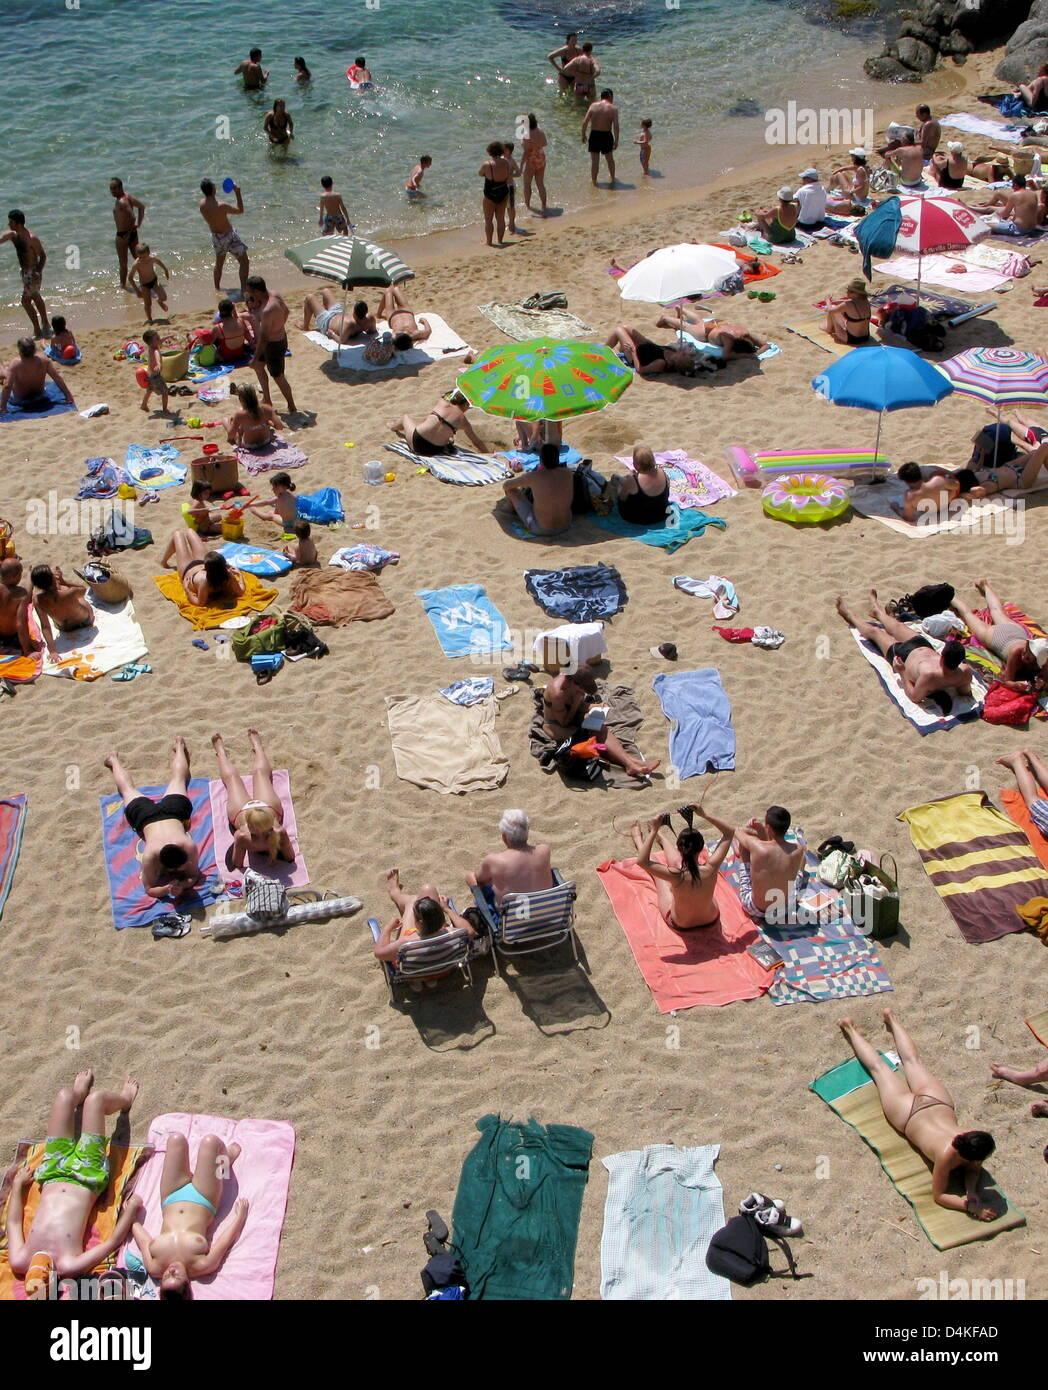 Das Bild zeigt den beliebten Strand der Stadt Calella de Palafrugell an der Costa Brava, Spanien, 1. Juni 2009. Stockfoto